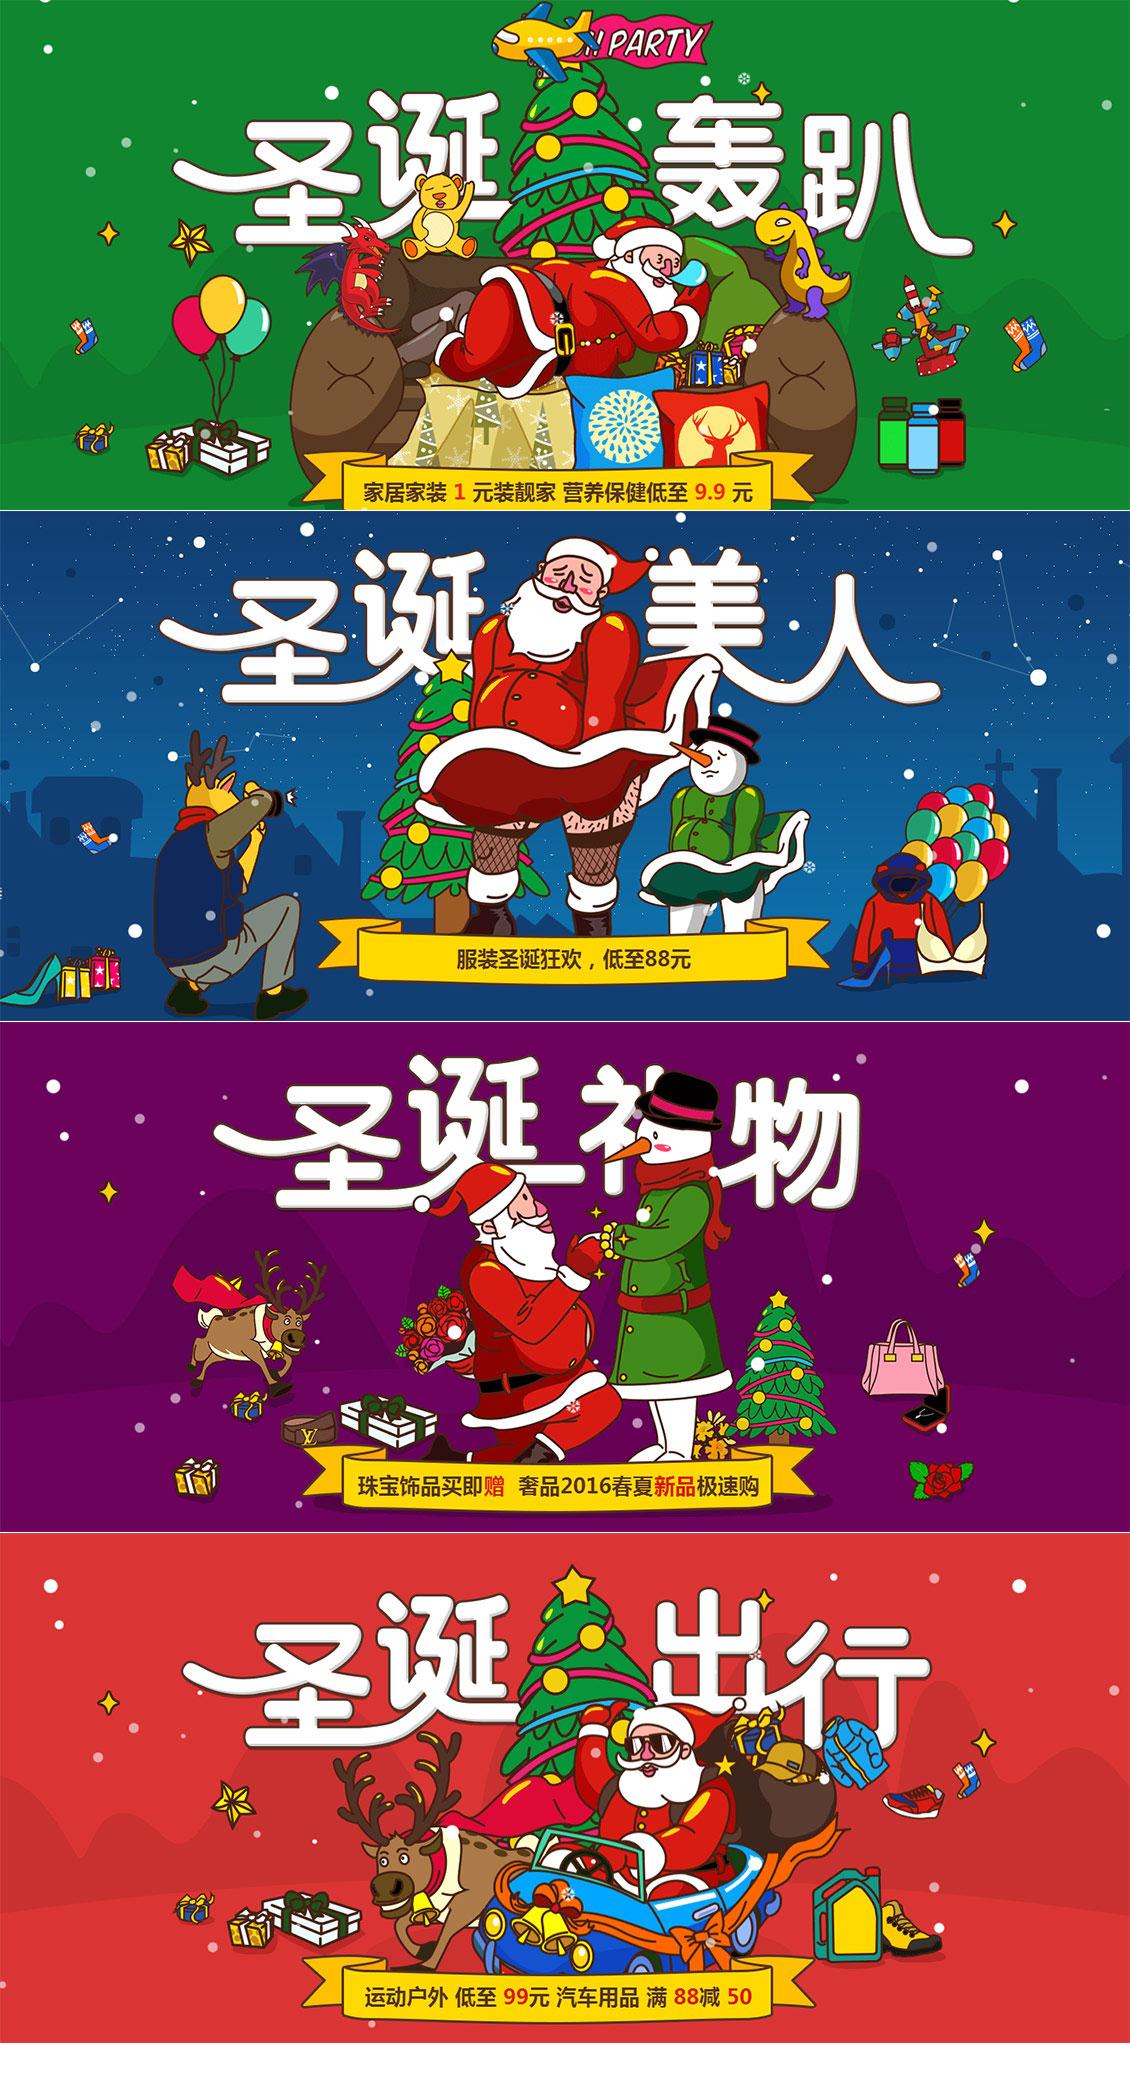 京東圣誕節頭圖banner設計